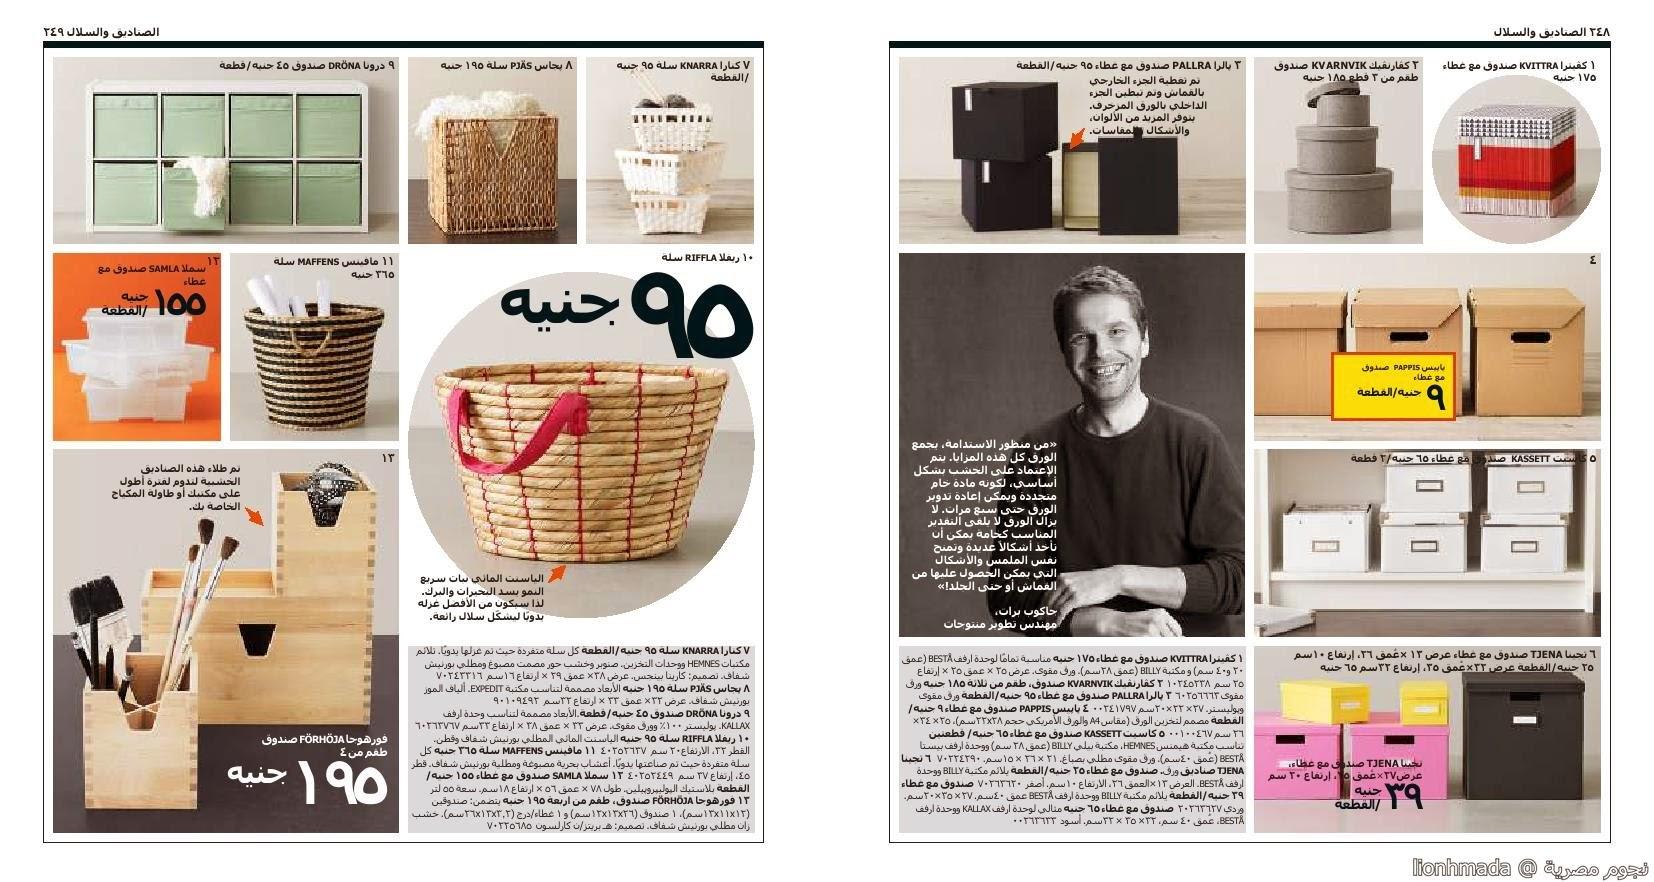 img29ec1b52ea2b6b5da6dffd6b710ed862 صور كتالوج ايكيا مصر ikia للديكورات